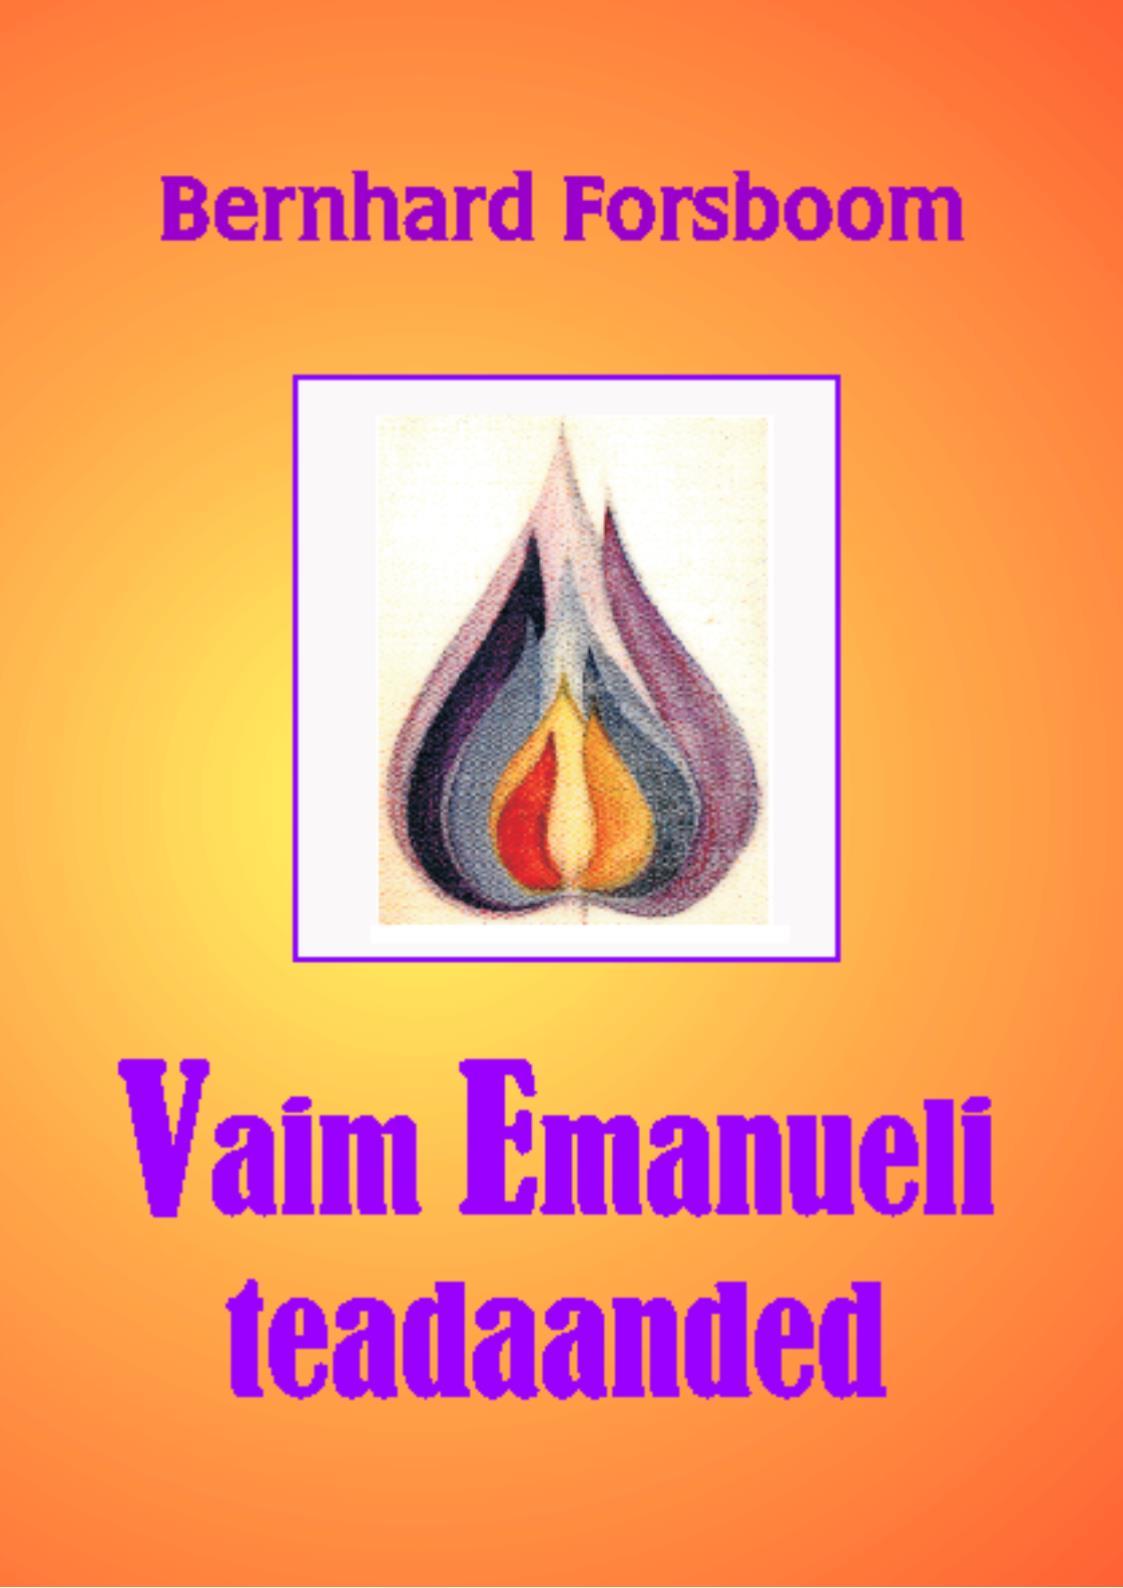 Bernhard Forsboom Vaim Emanueli teadaanded koostanud varje varmis austraalia aborigeenide legendid